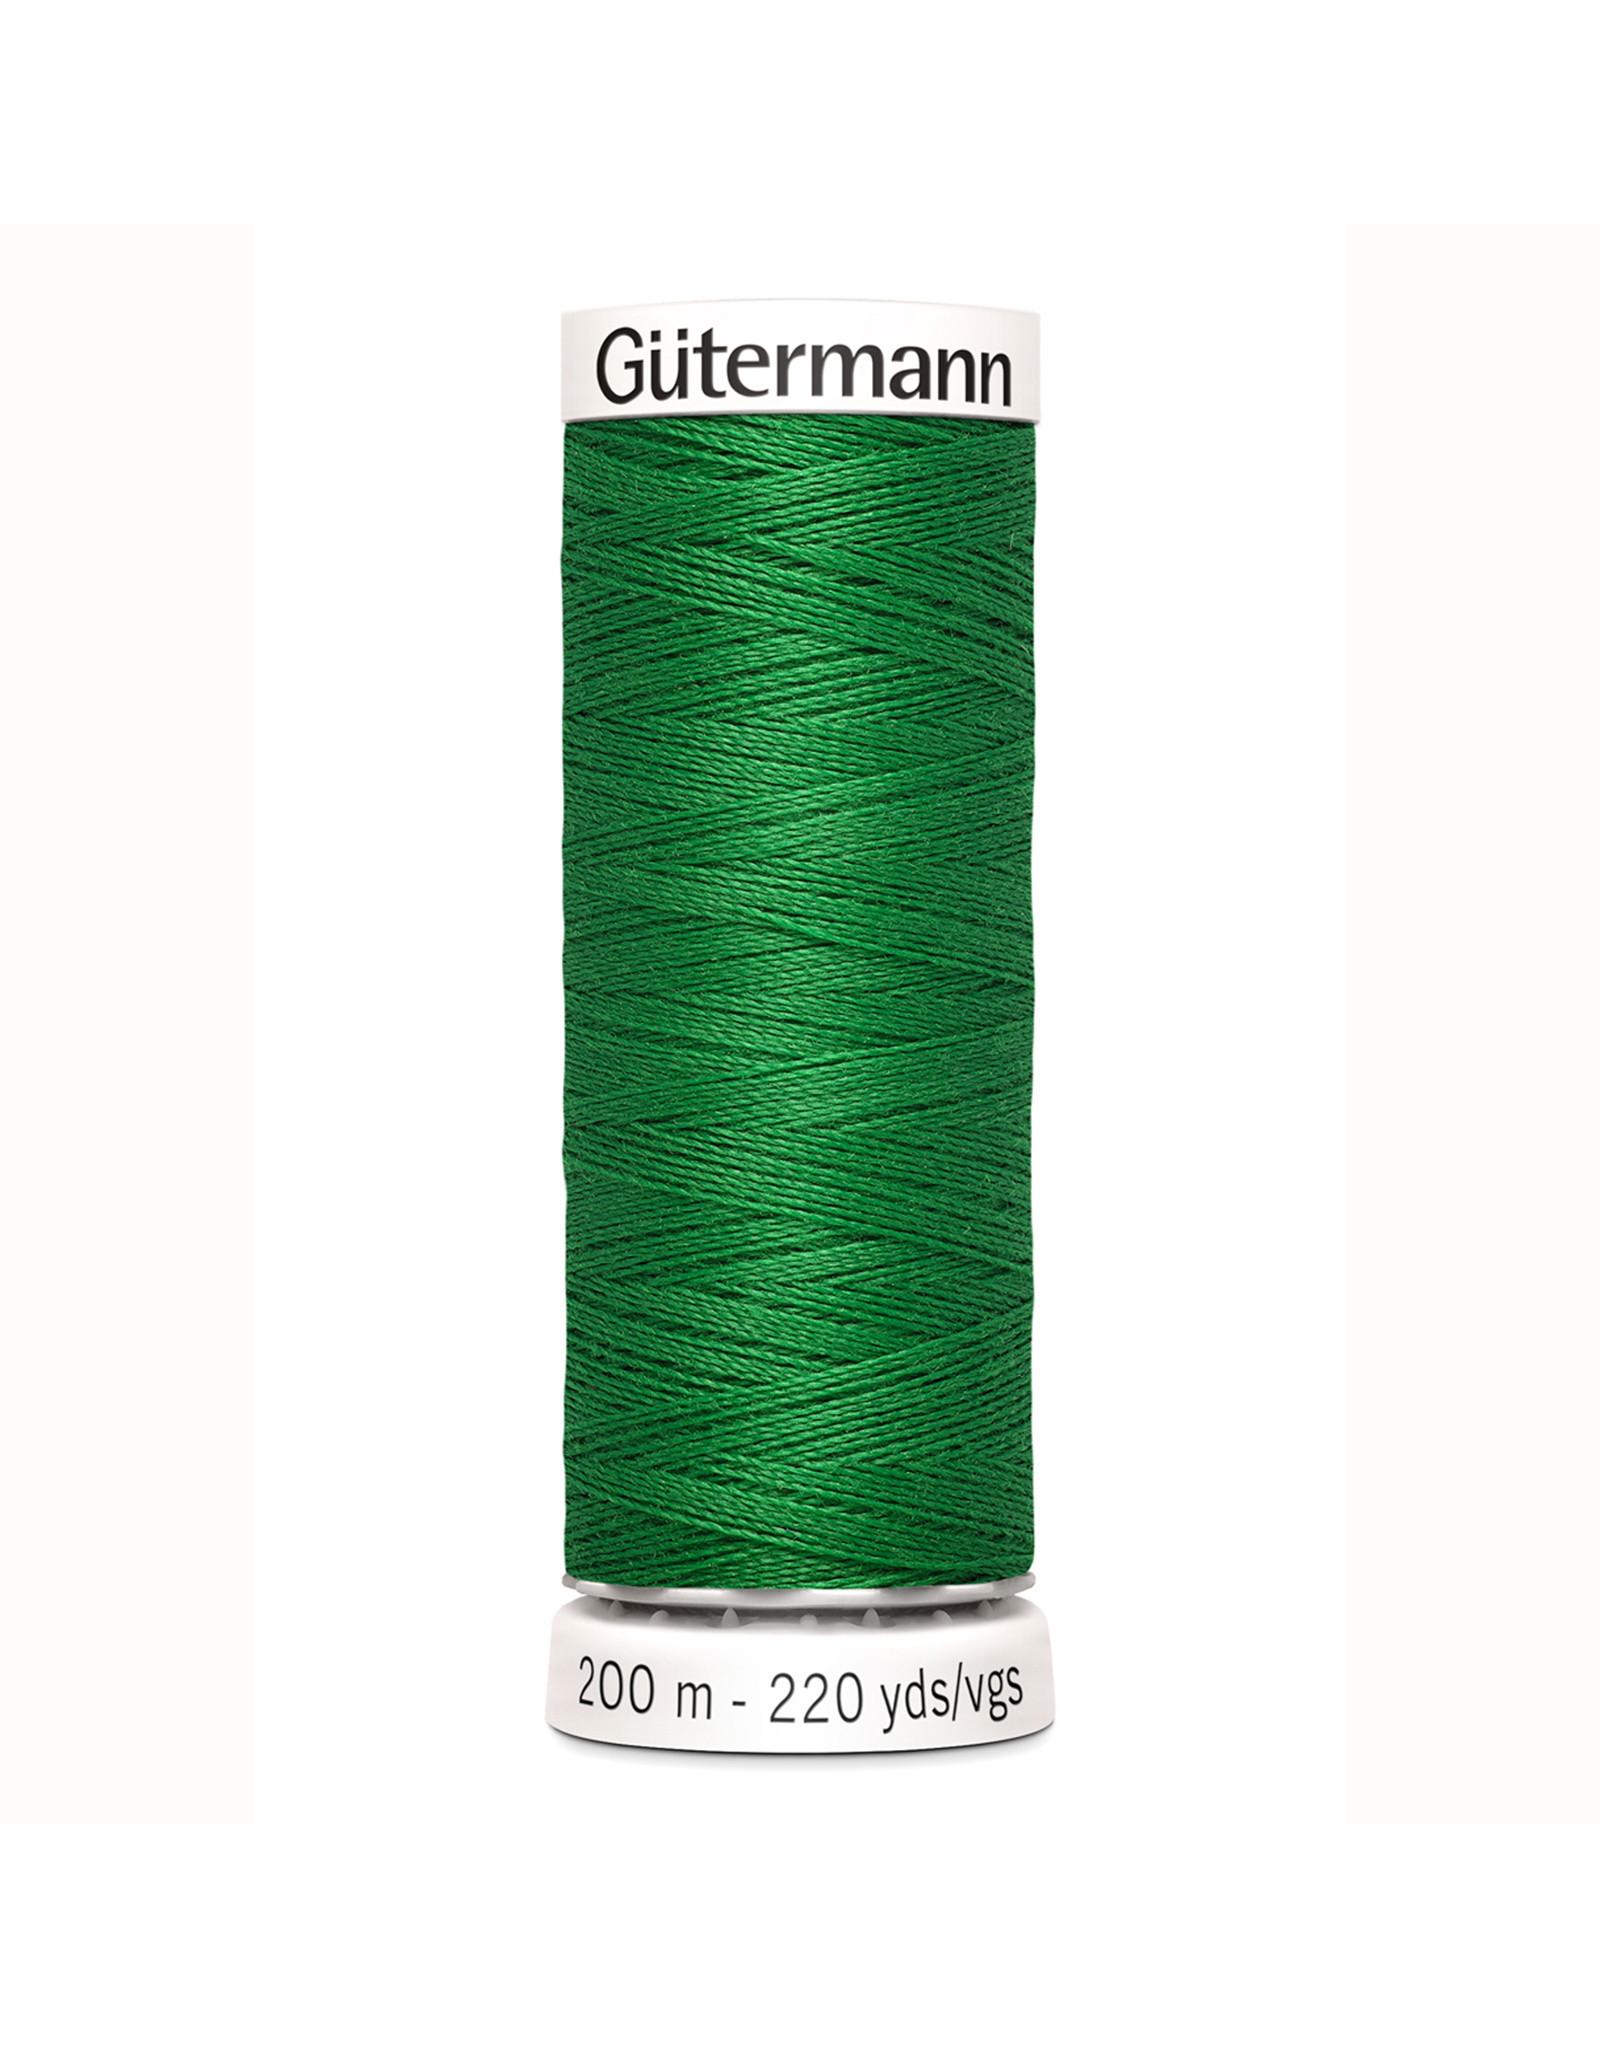 Gütermann Gütermann Nähgarn 200 m - nr 396